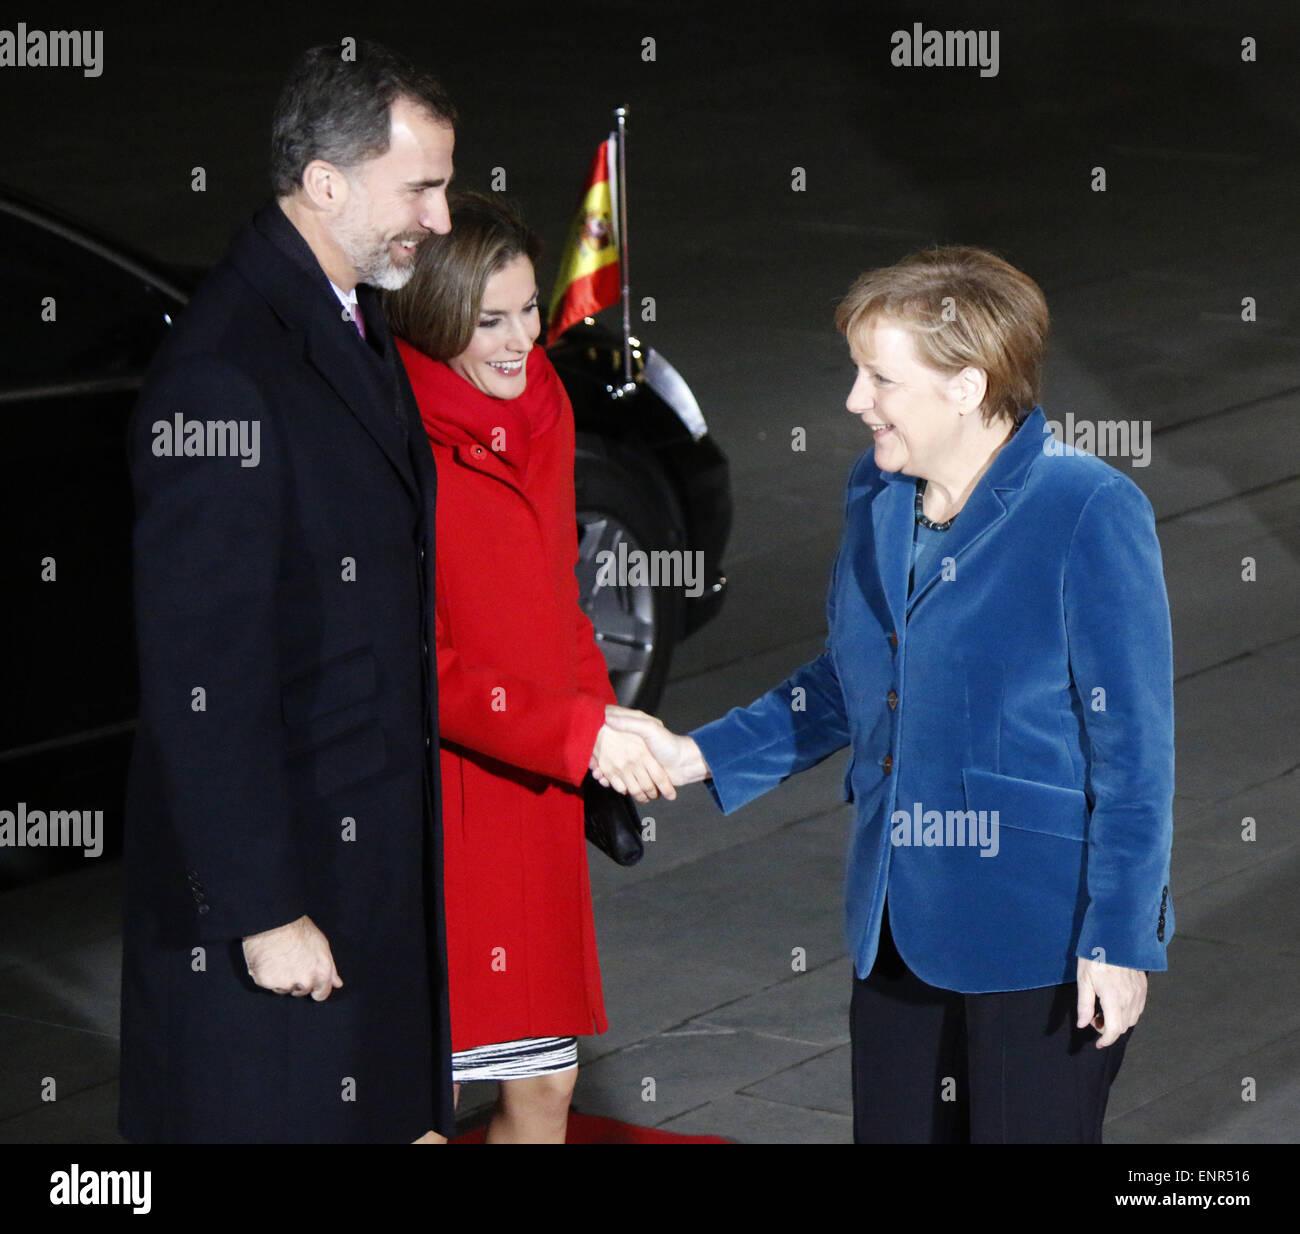 Koenig Felipe VI, Koenigin Letizia von Spanien, BKin Angela Merkel - Treffen der dt. Bundeskanzlerin mit dem spanischen - Stock Image